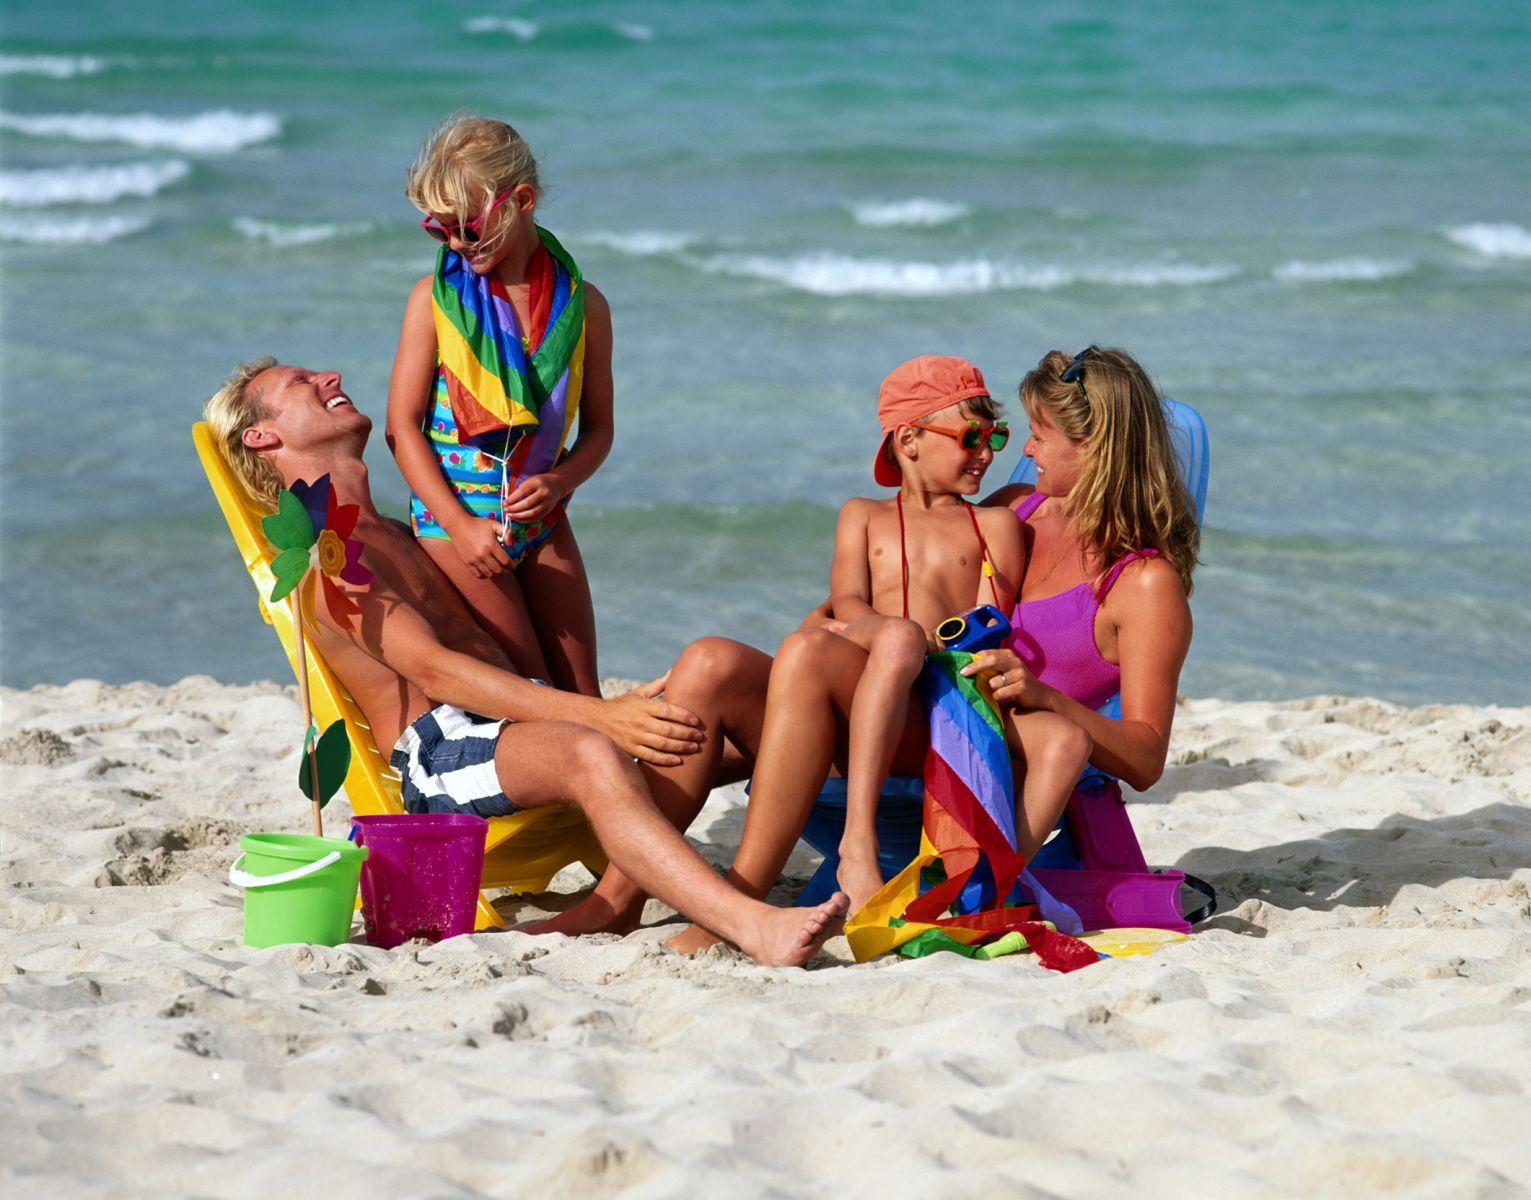 Развлечения голых девочек на курортах 25 фотография